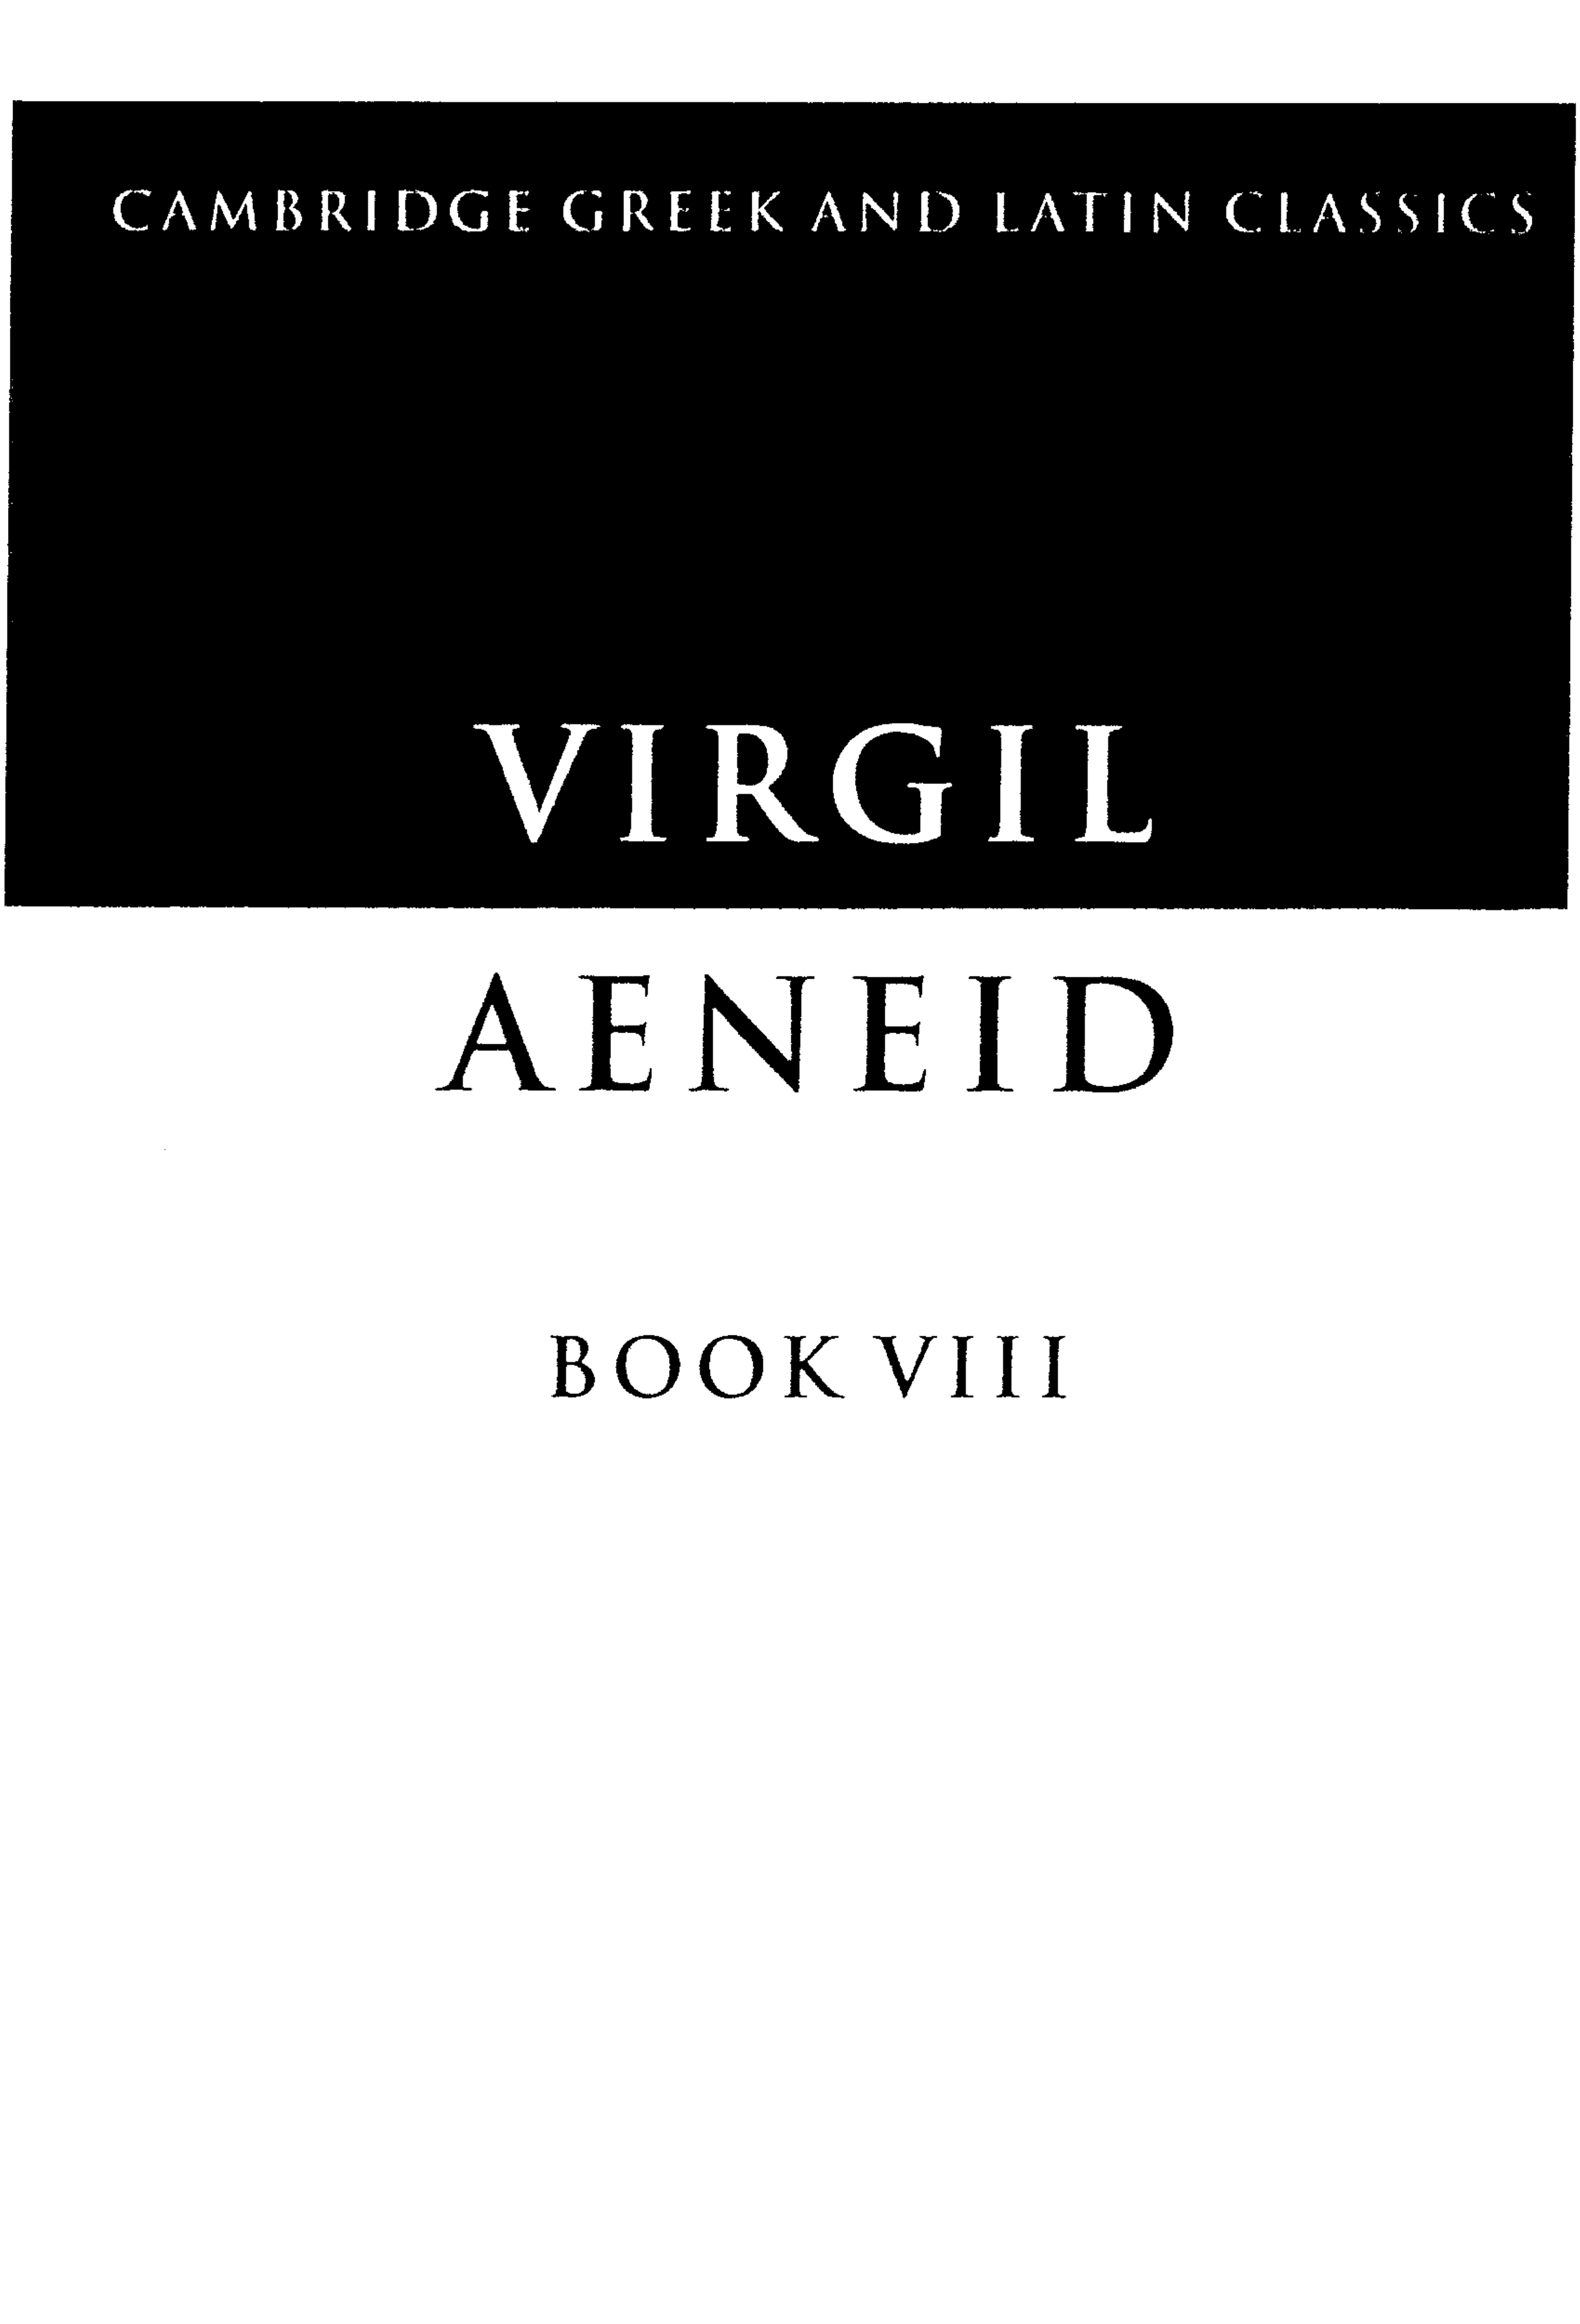 Virgil Aeneid Pdf